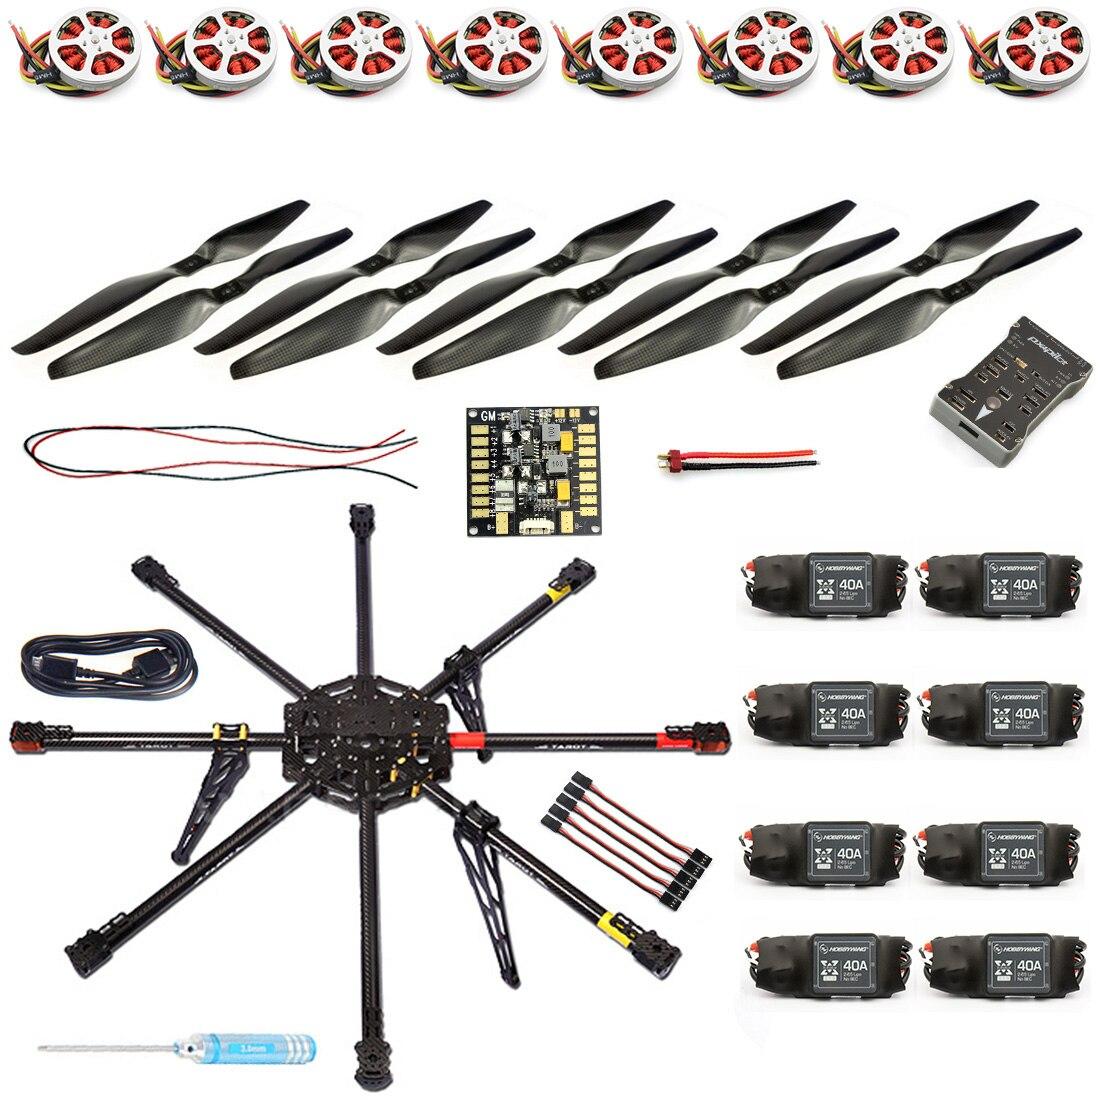 JMT bricolage 8 essieux Drone RC non assemblé 1000mm carbone Octocopter PX4 PIX M8N GPS RC Drone PNF Kit pas de batterie à distance FPV F04765-B